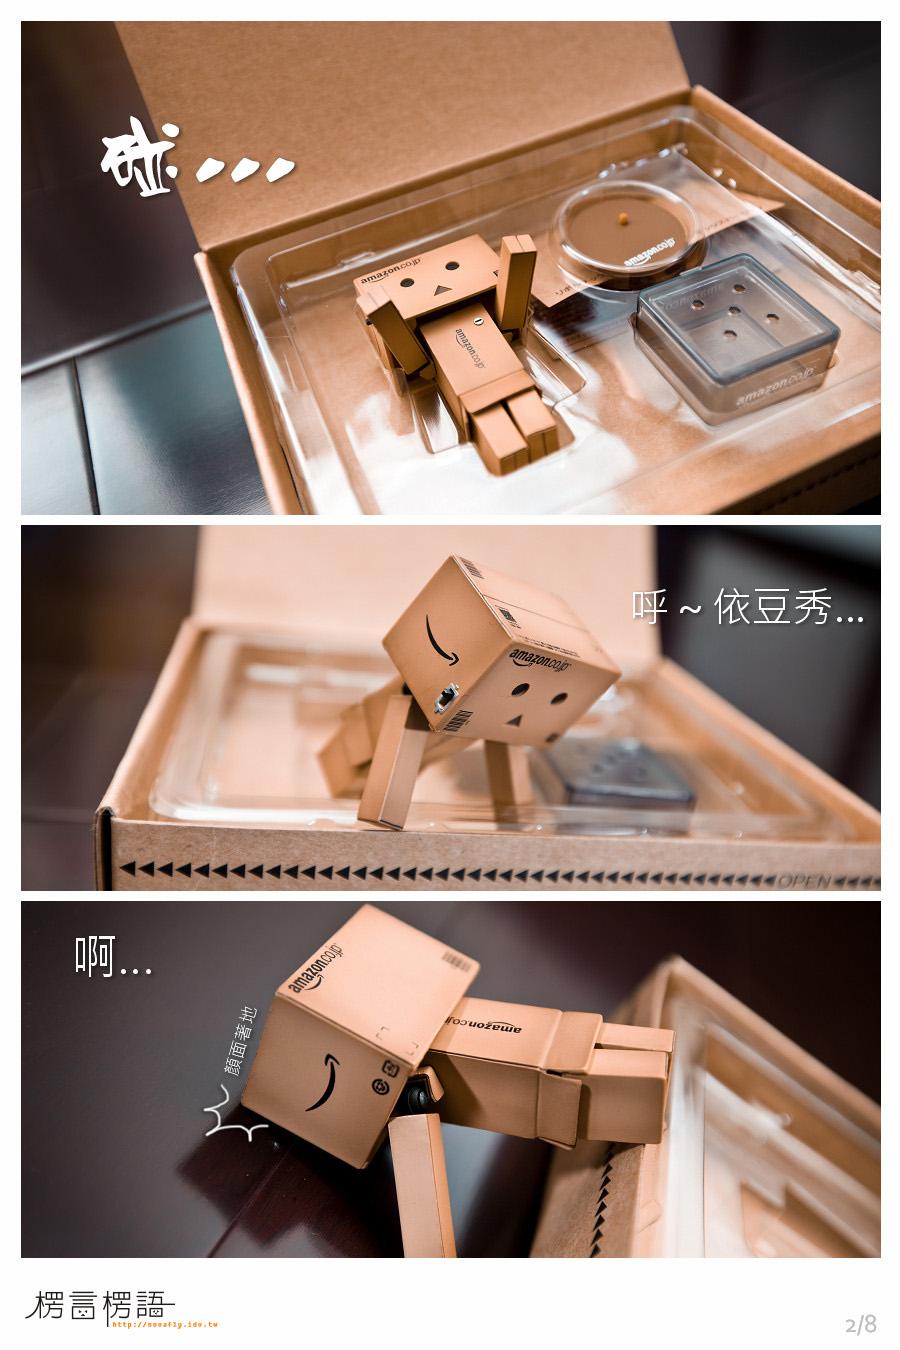 [阿楞]紙箱人開紙箱